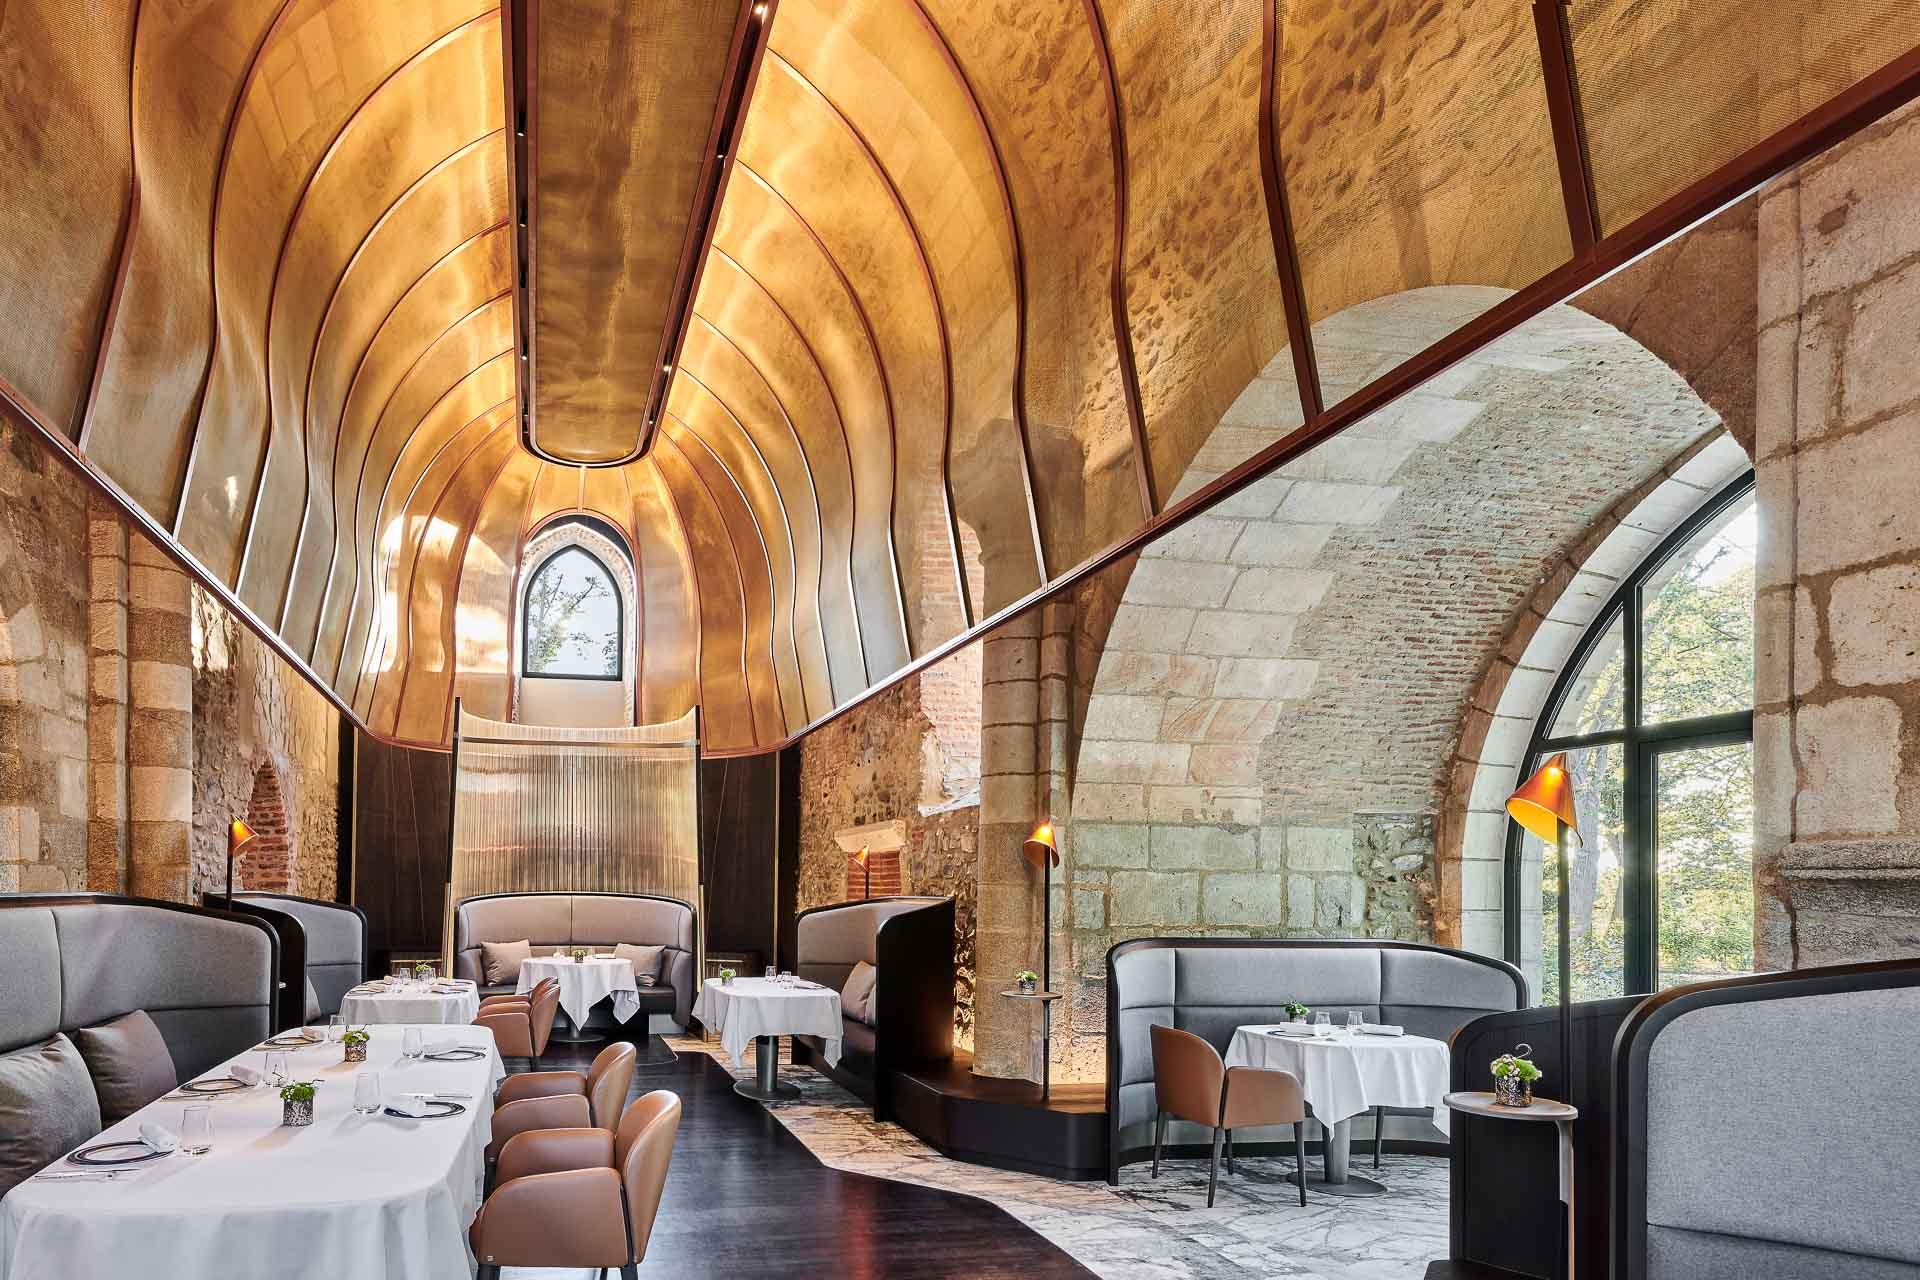 À Montluçon, le Château Saint-Jean est le lieu où se sont rencontrés Jean-Claude et Nicole Delion. Sous la houlette du couple d'hôteliers, le château aux origines médiévales, transformé en hôtel dans les années 1920, dévoile son nouveau visage entre confort 5-étoiles et décor contemporain.